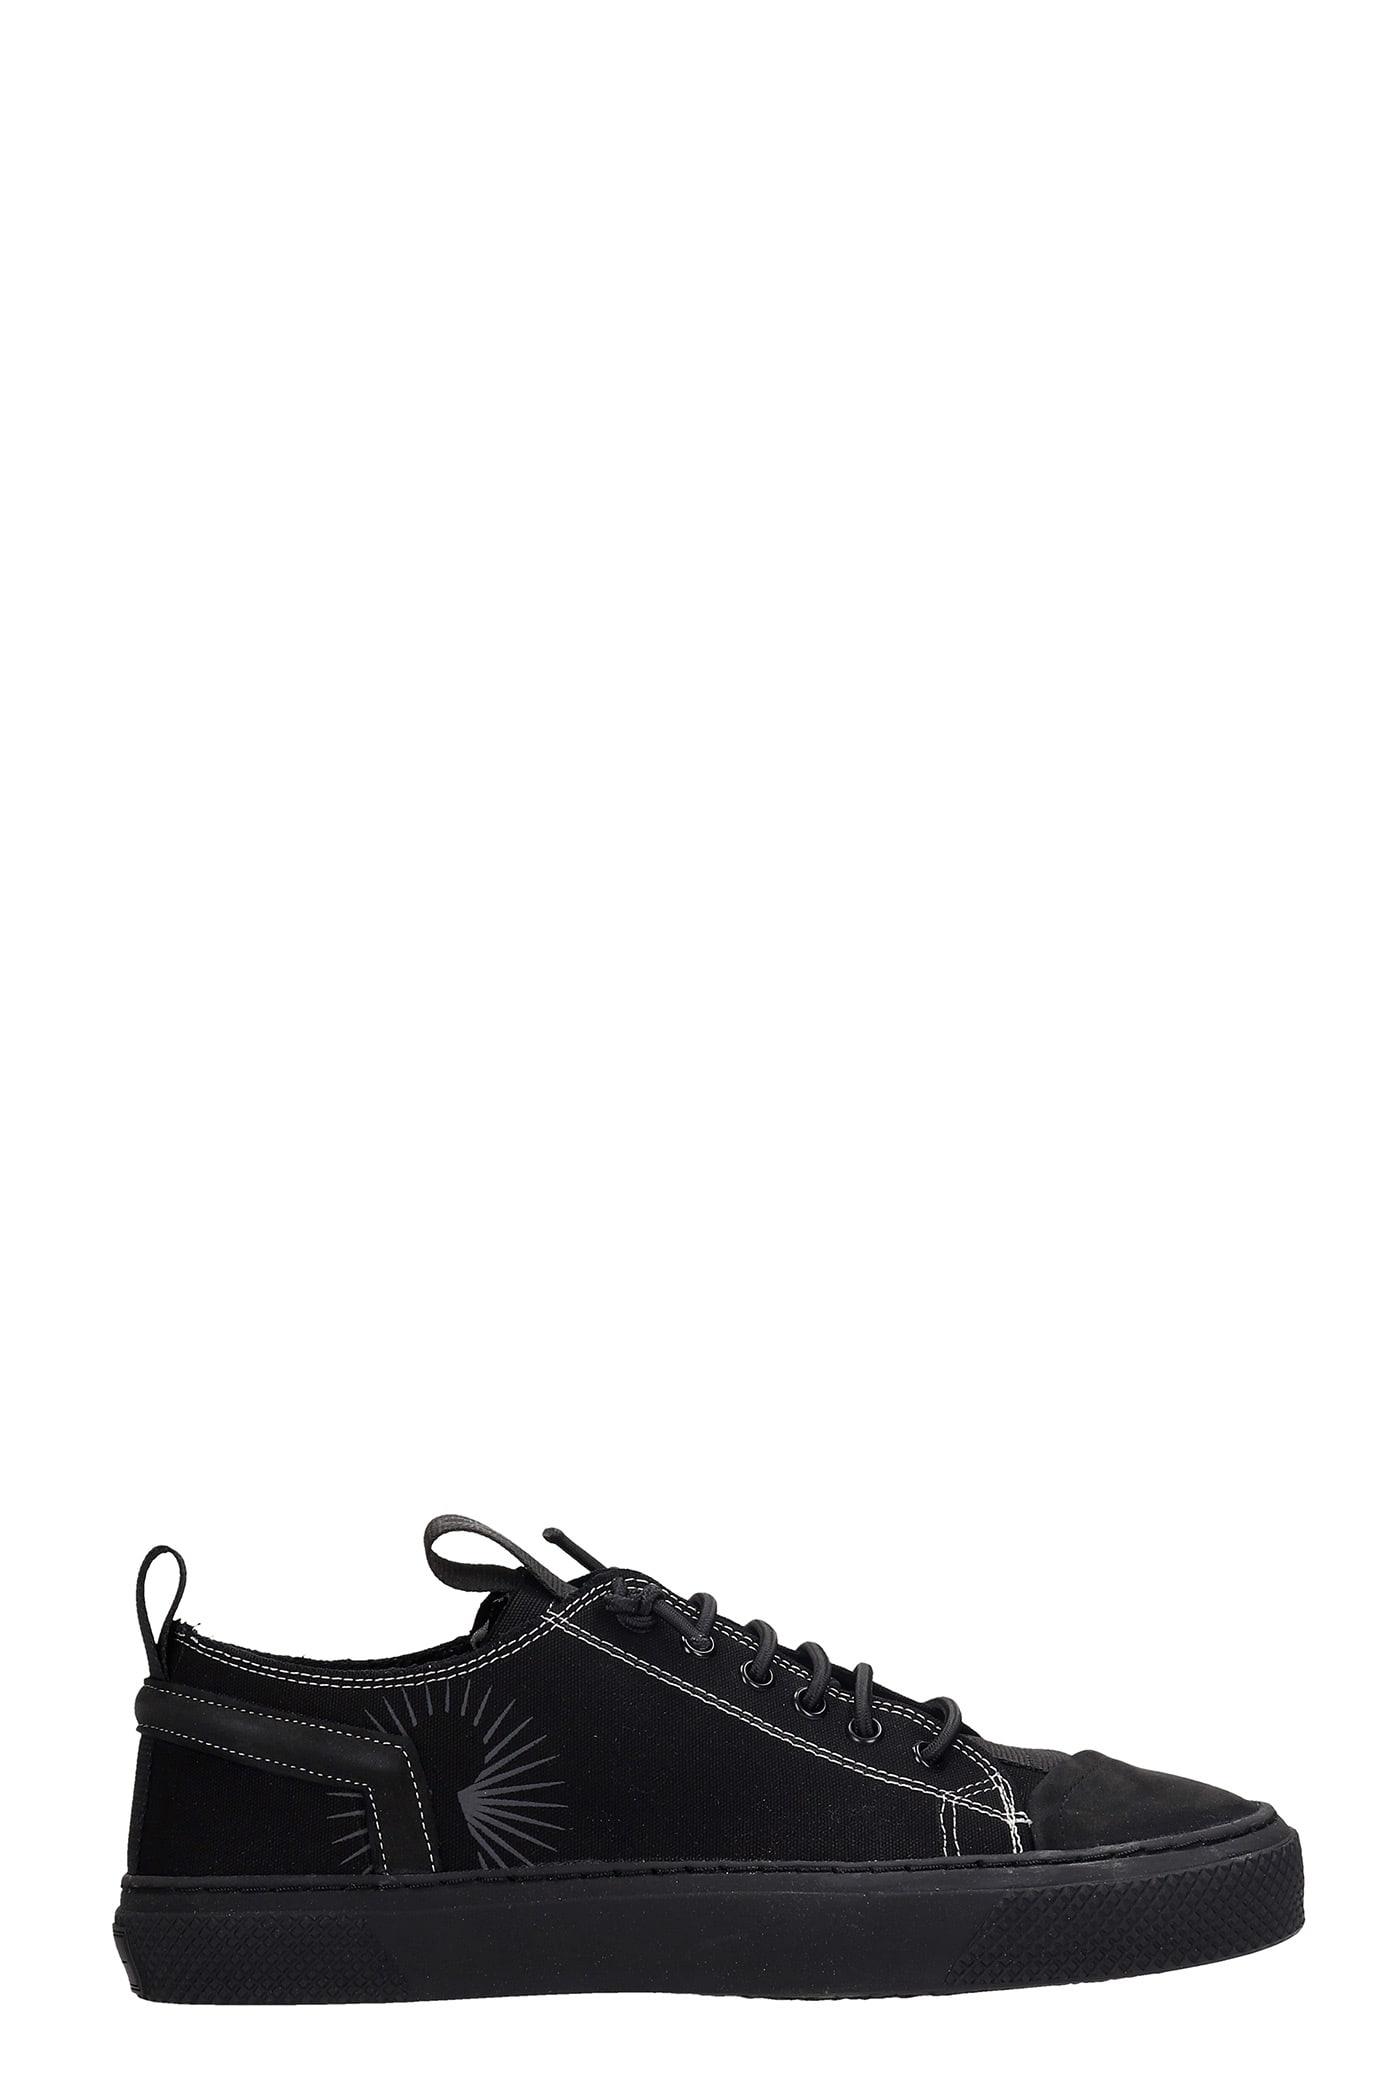 Cecca Sneakers In Black Canvas